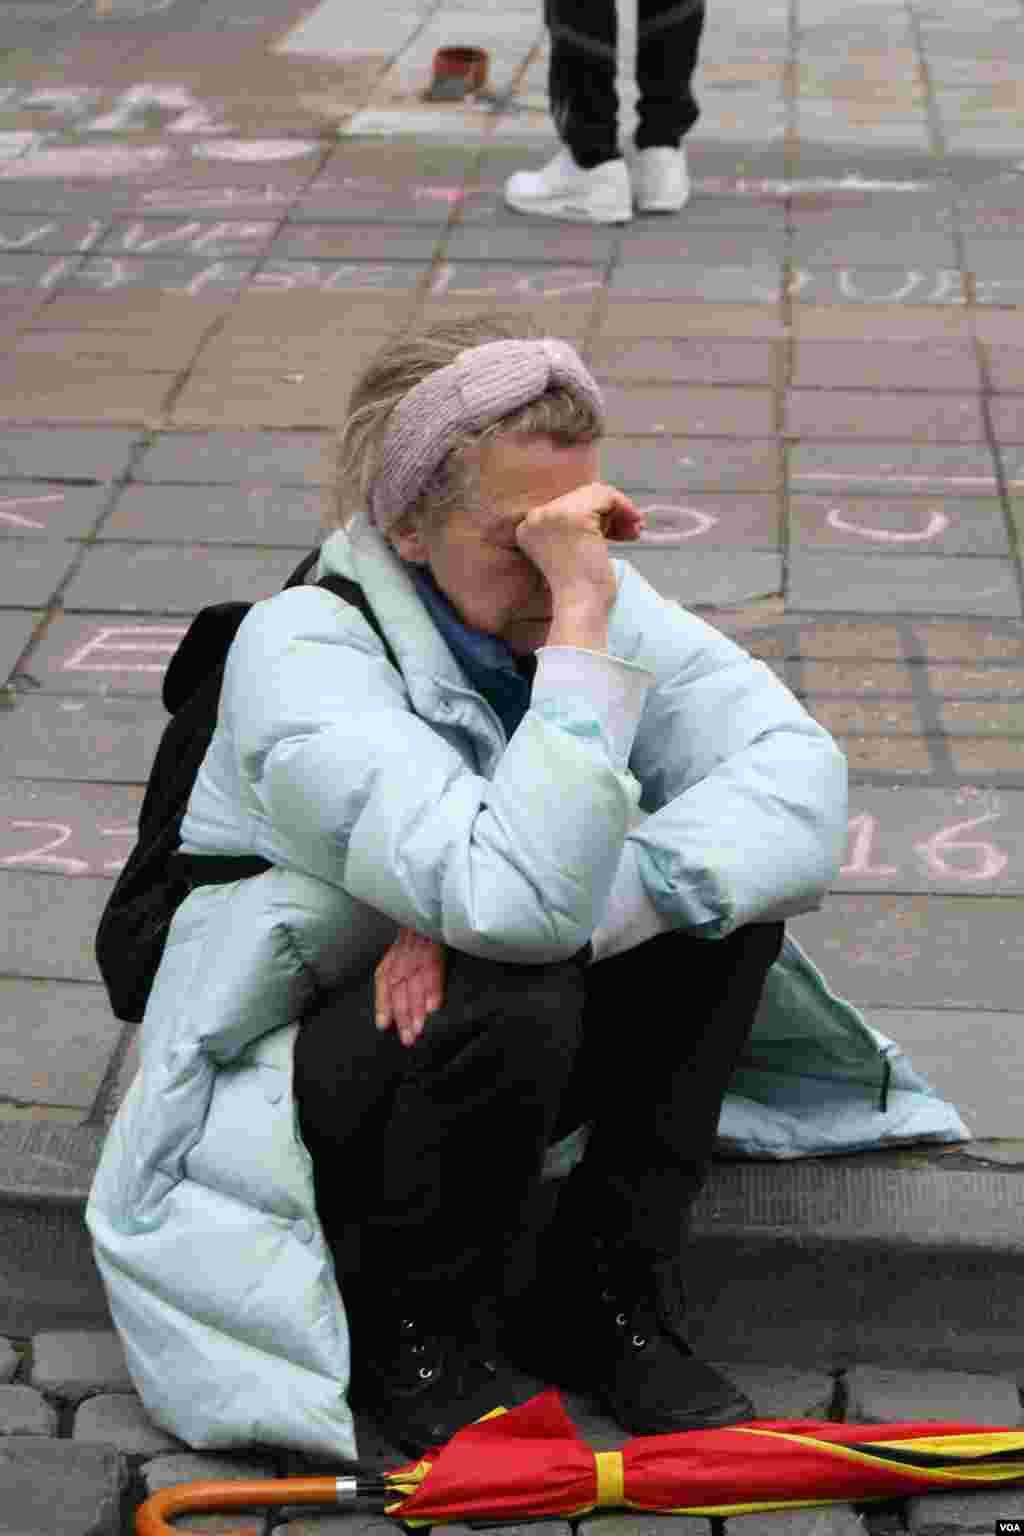 Một phụ nữ khóc sau khi mạc niệm tưởng nhớ những người thiệt mạng và bị thương tại Brussels, Bỉ. (H. Murdock / VOA)